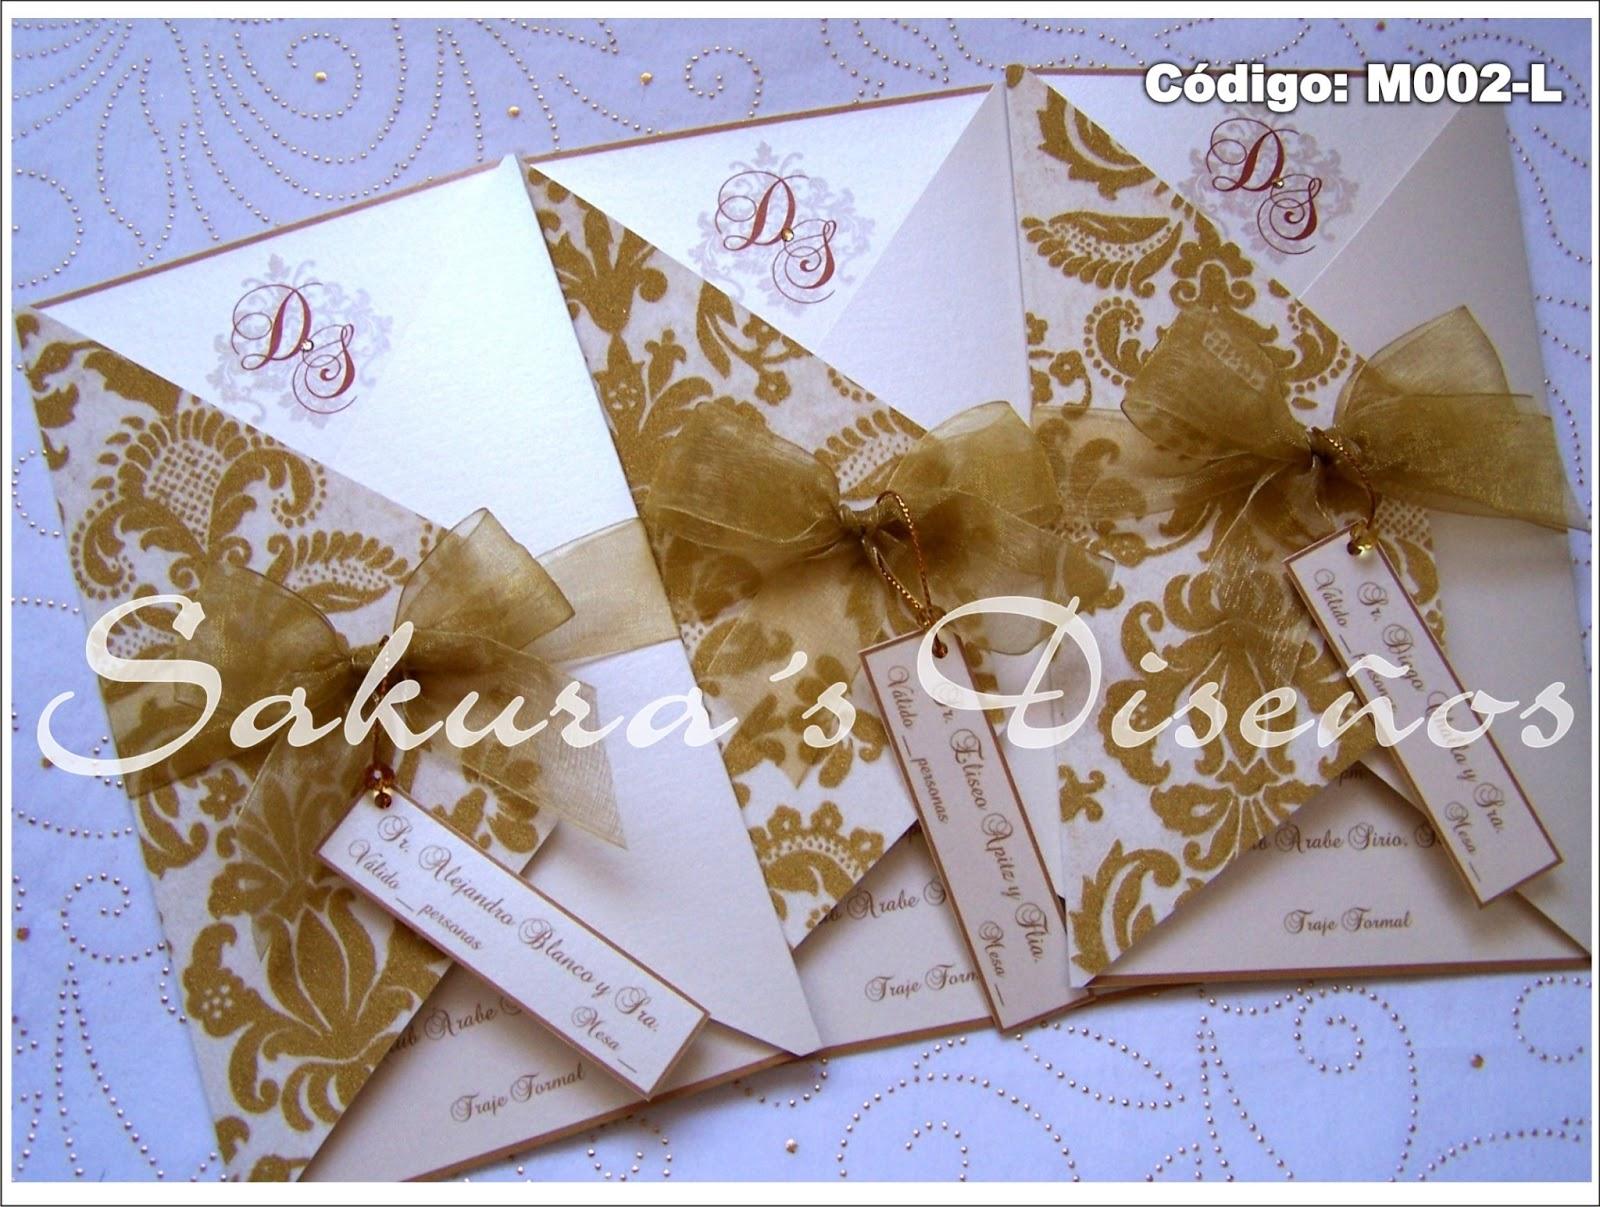 Tarjetas para boda sakura s dise os - Disenos de tarjetas ...